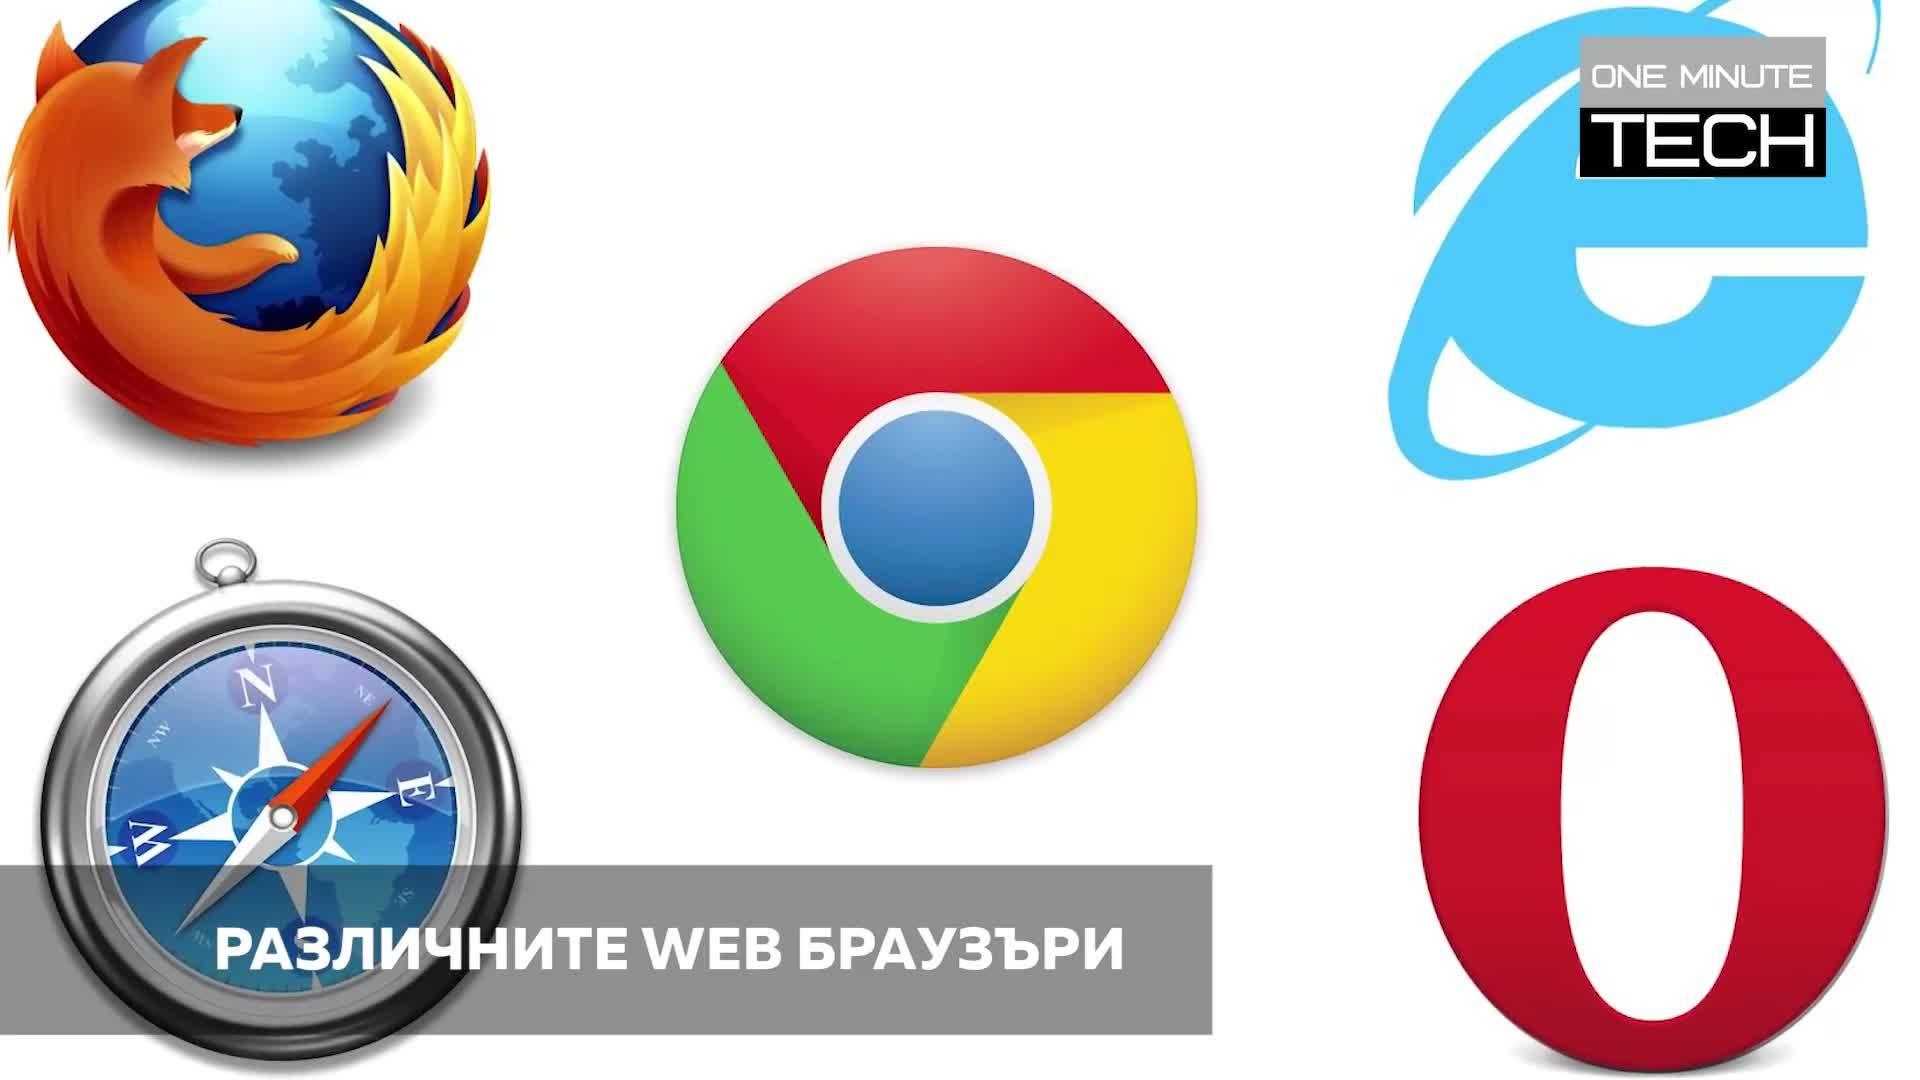 Кои са основните WEB браузъри, които трябва да познаваме?